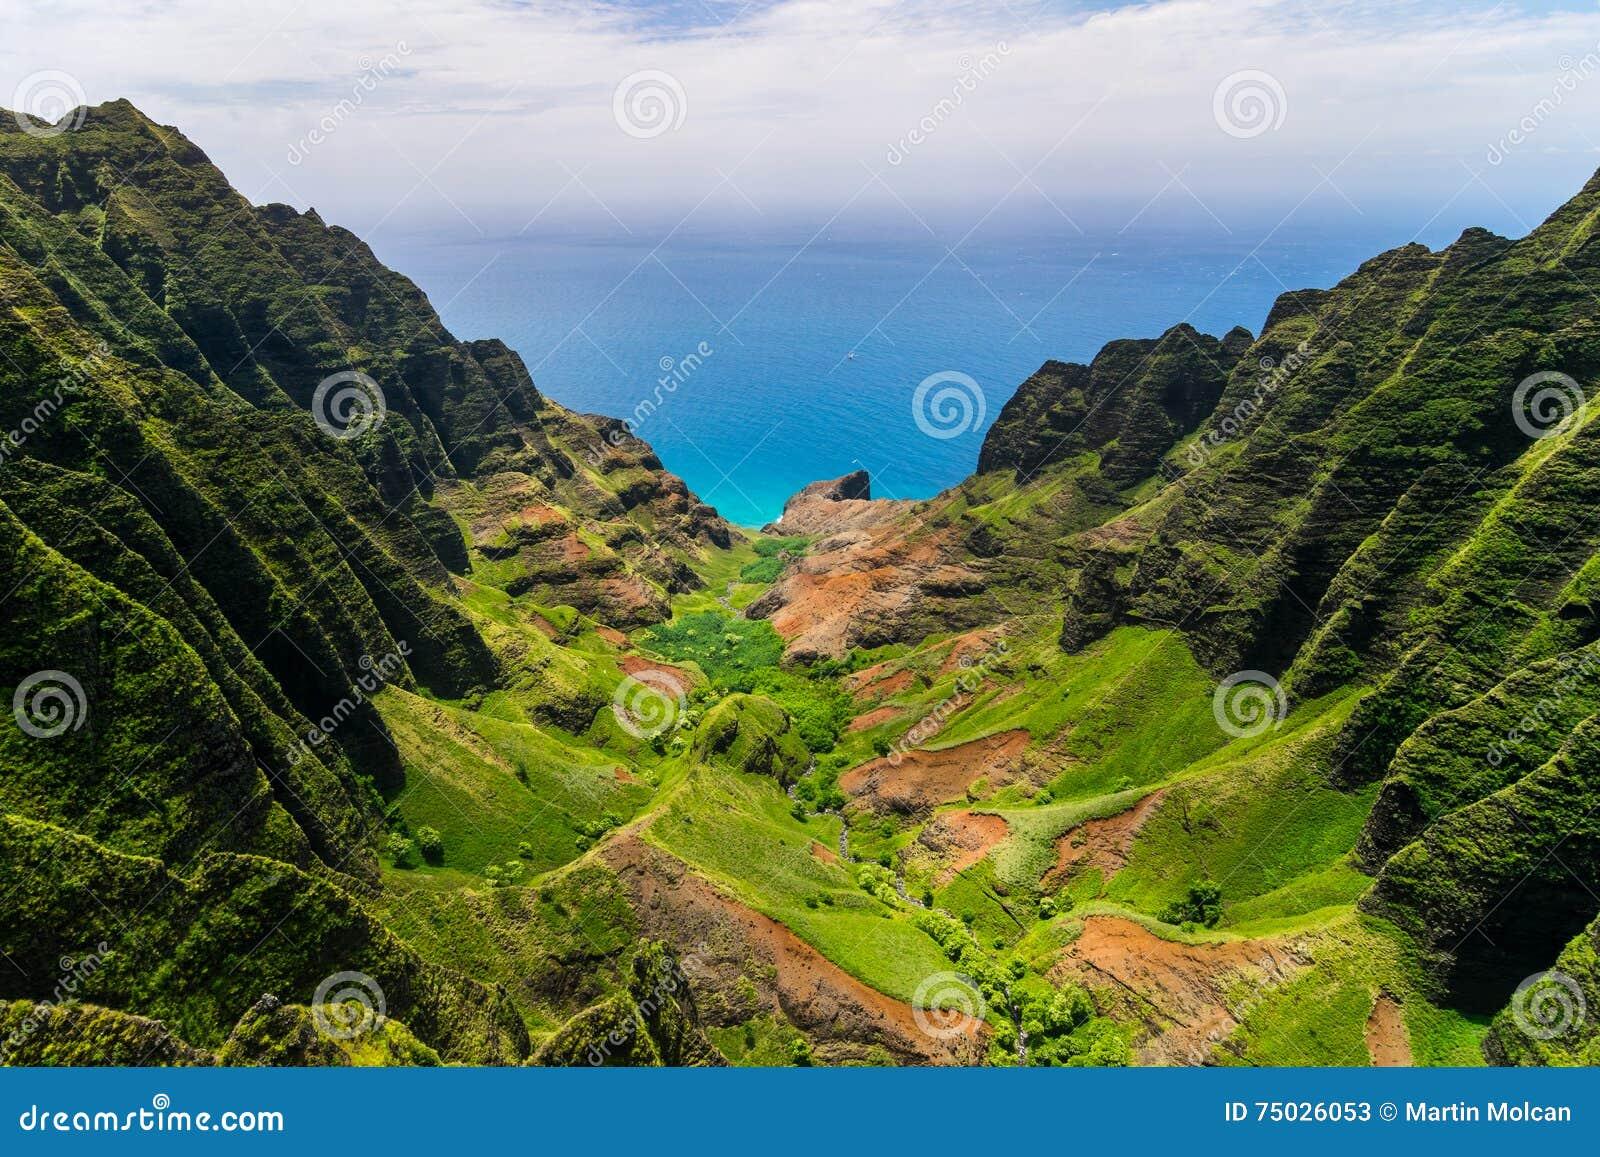 峭壁和绿色山谷,考艾岛空中风景视图